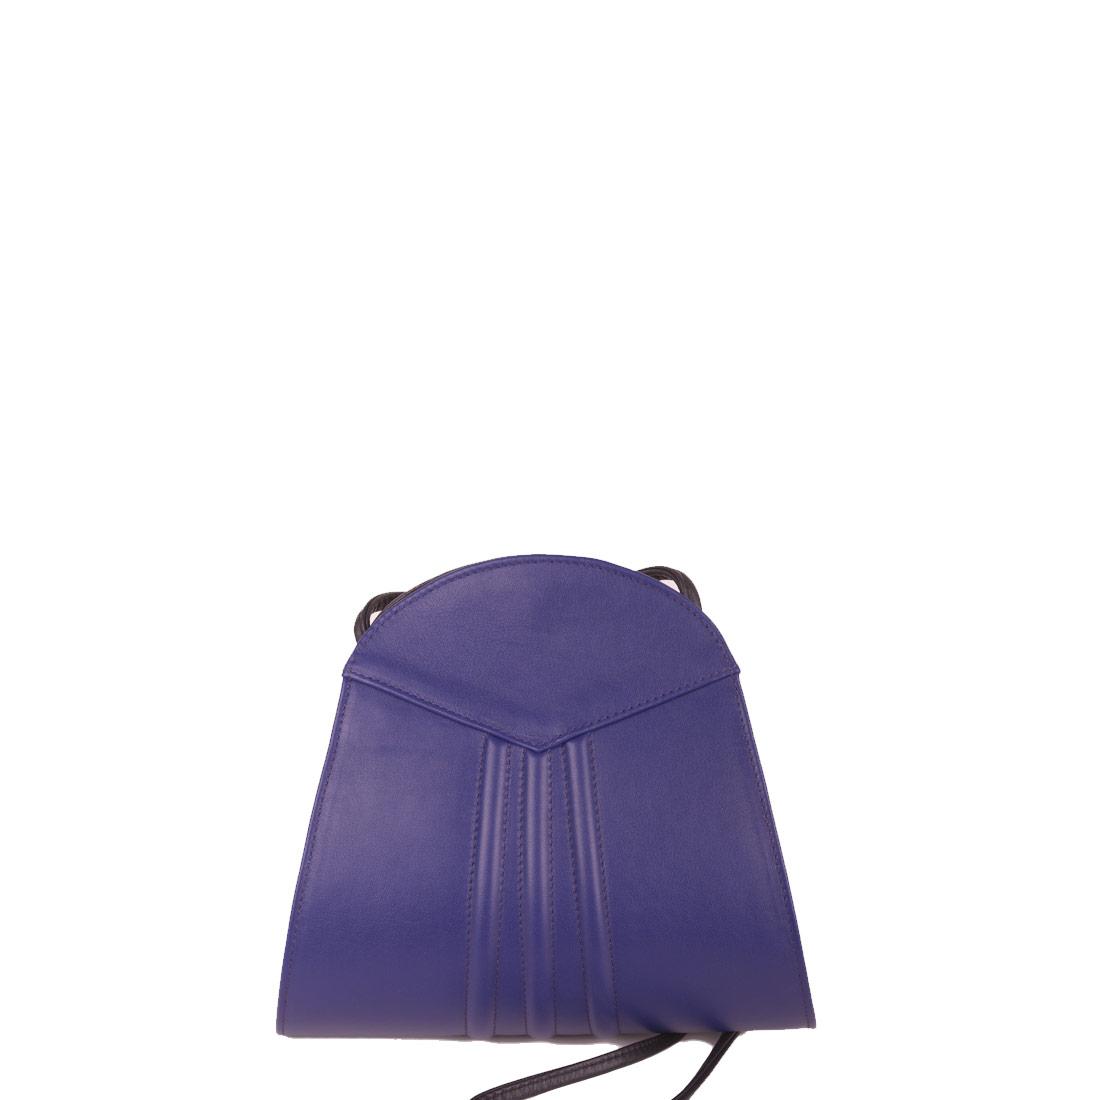 Ivy Violet Blue Leather Shoulder Bag